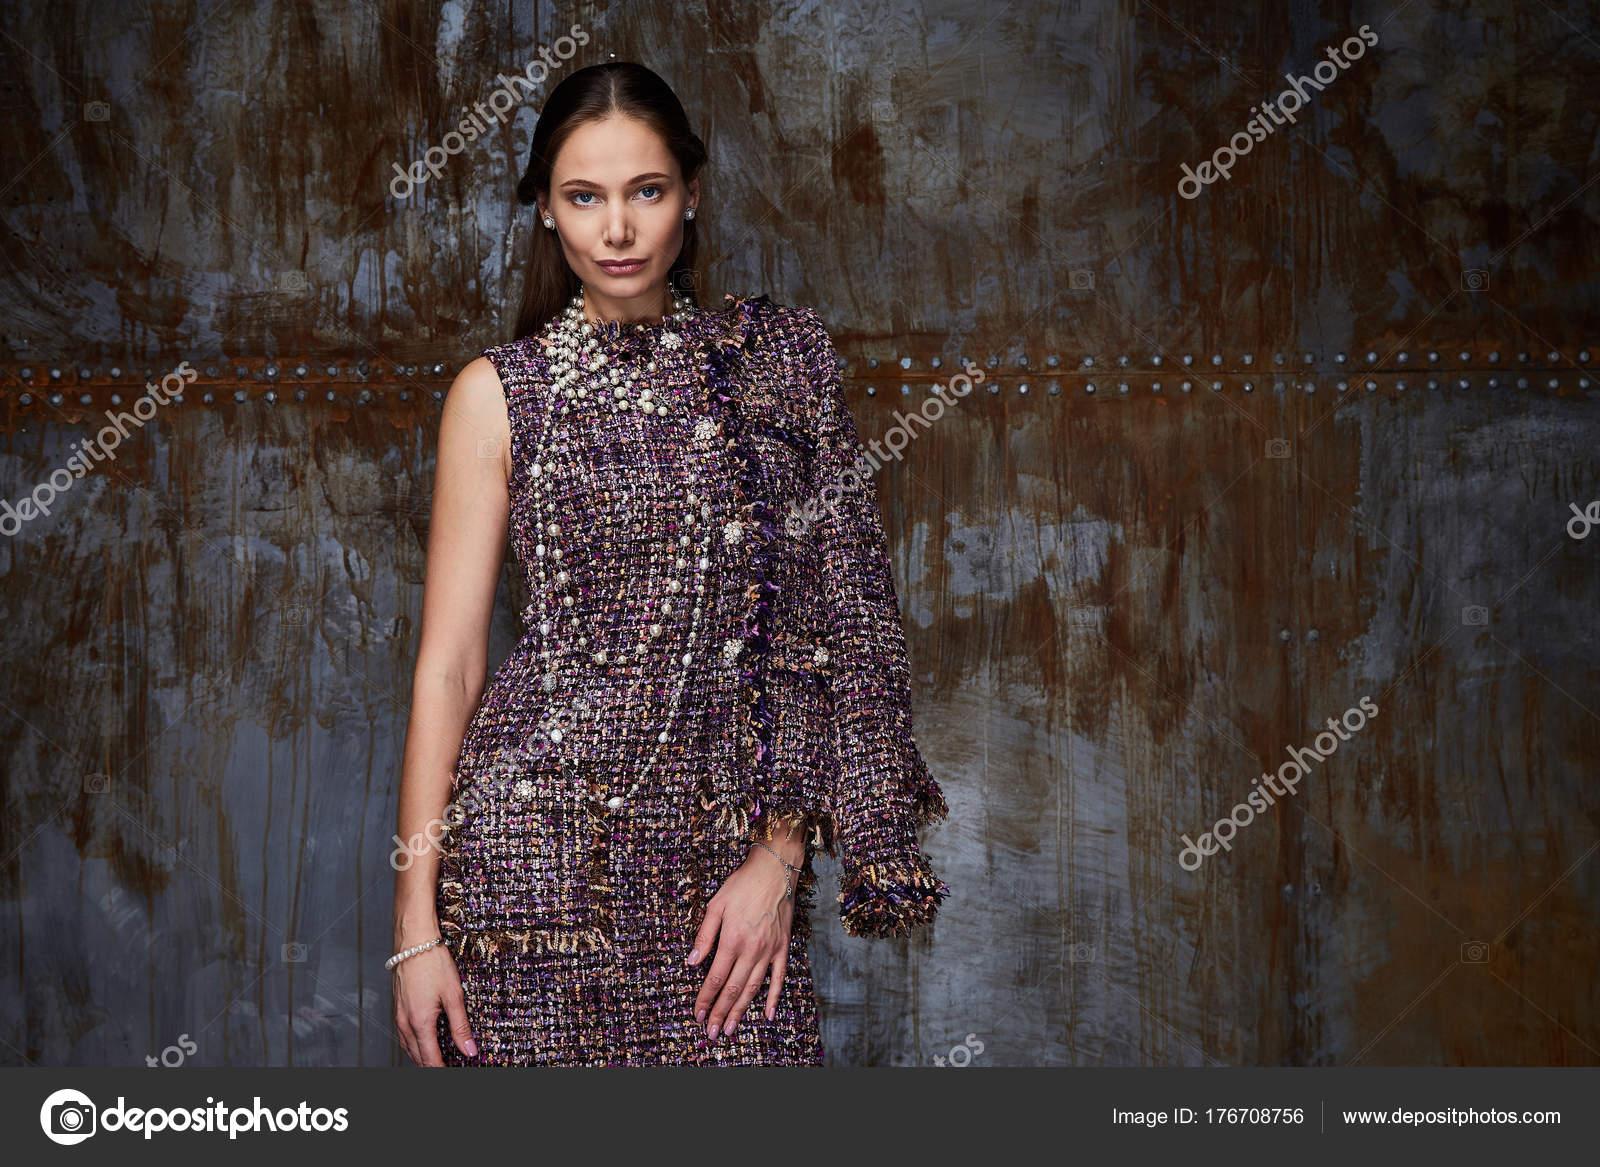 Ufficio Stile Moda : Ritratto di donna indossare abbigliamento di stile daffari per